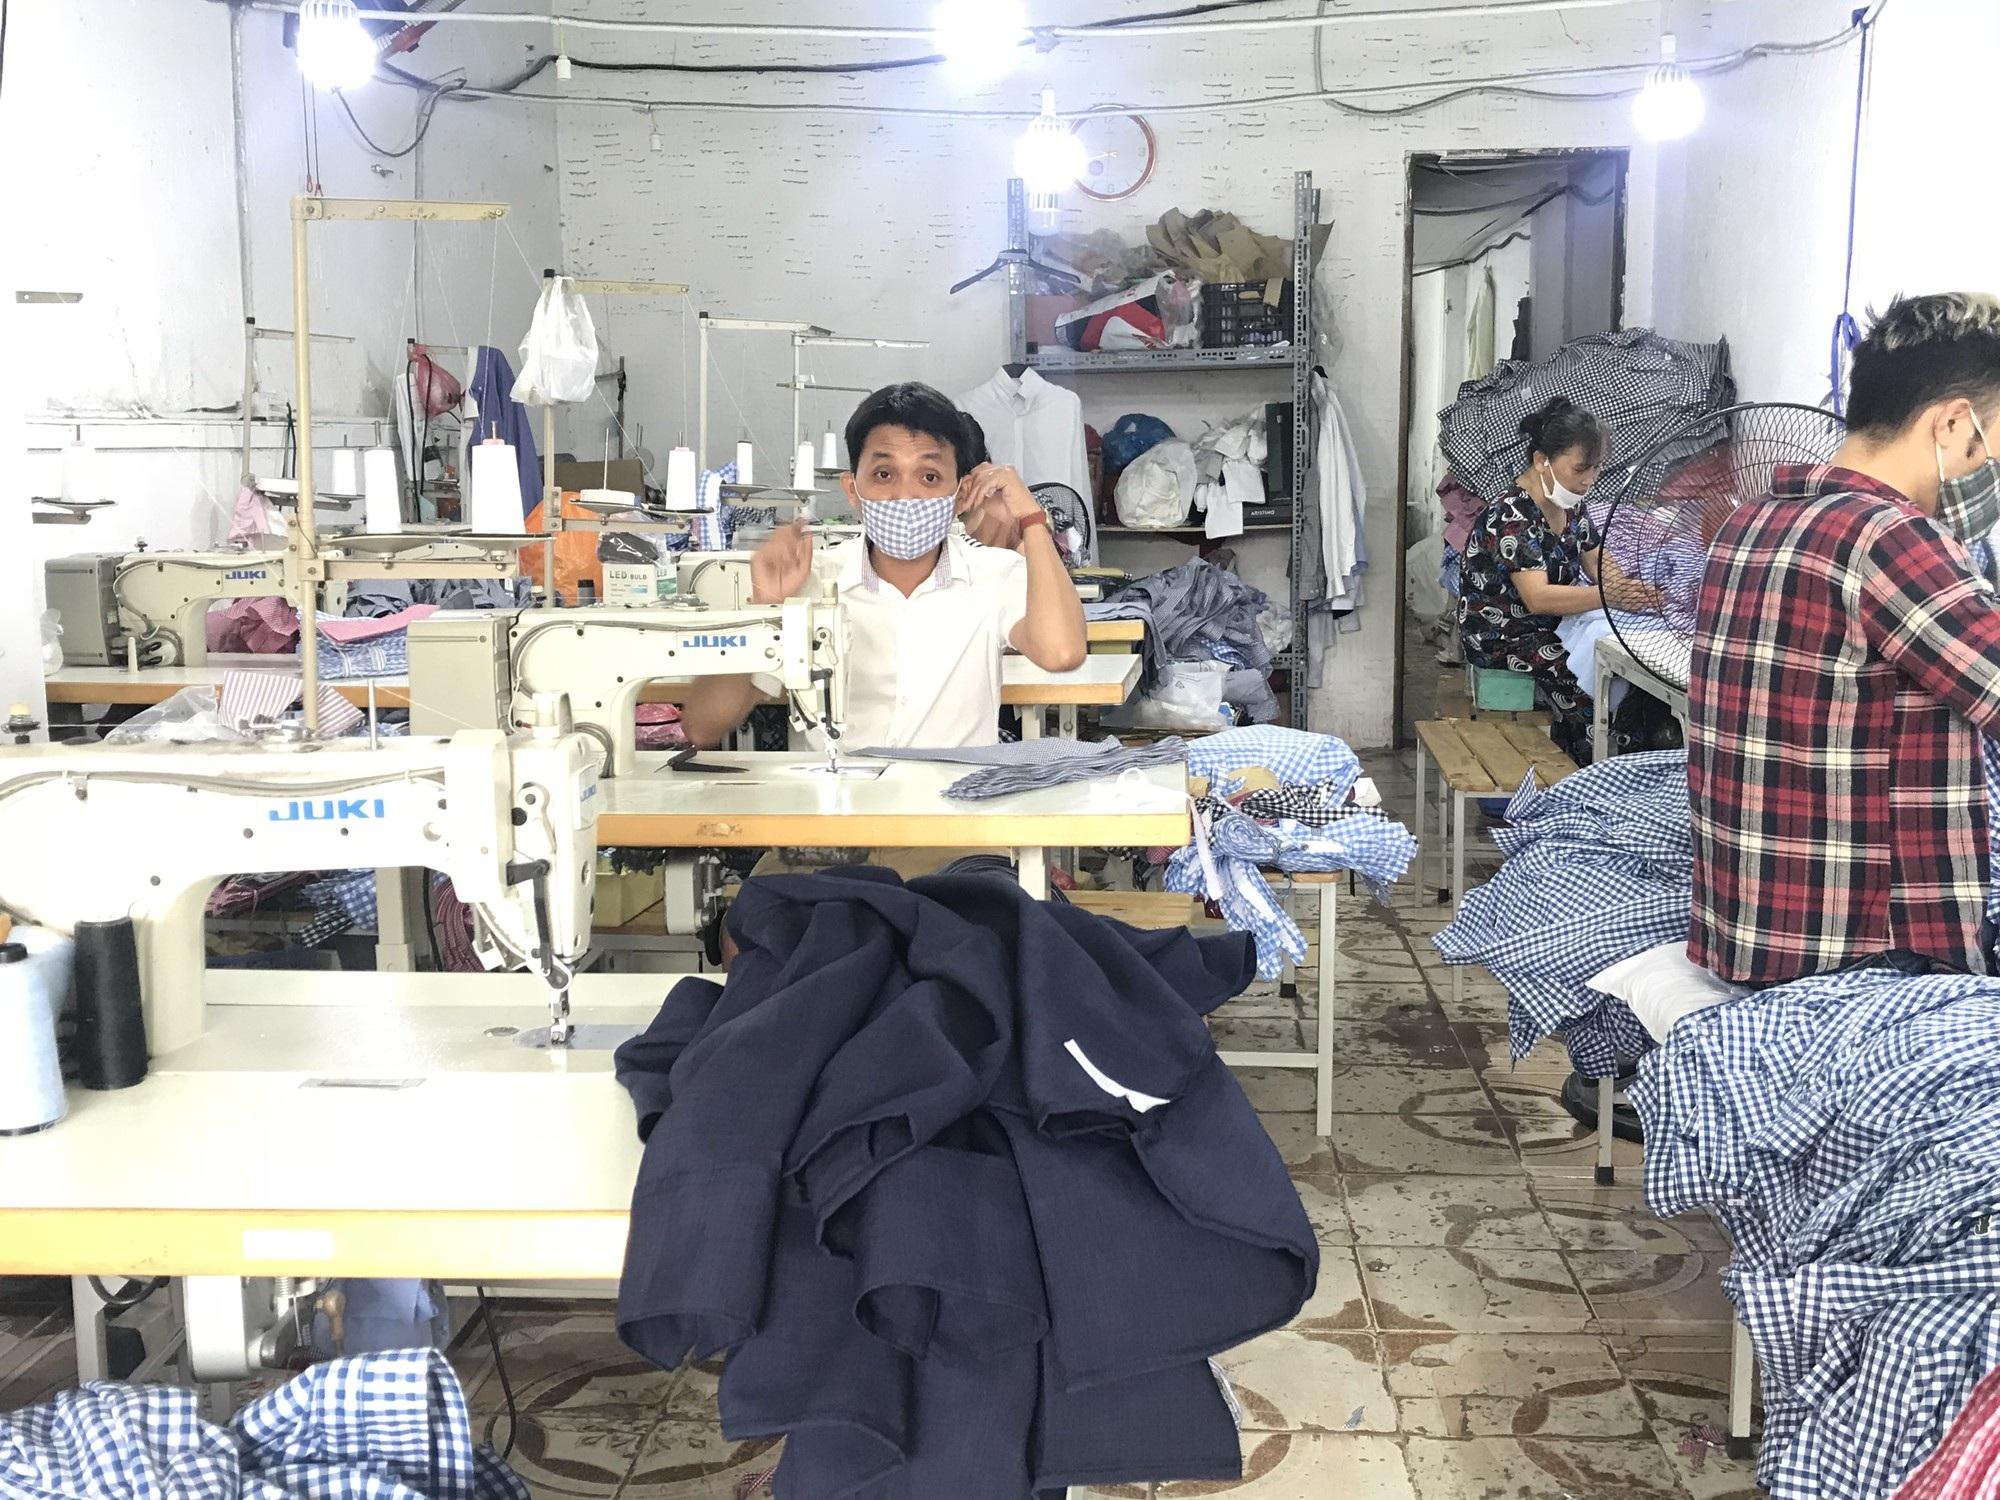 Các xưởng nhỏ hiện nay nhận được khá nhiều đơn hàng từ Trung Quốc, Hàn Quốc (ảnh minh hoạ)